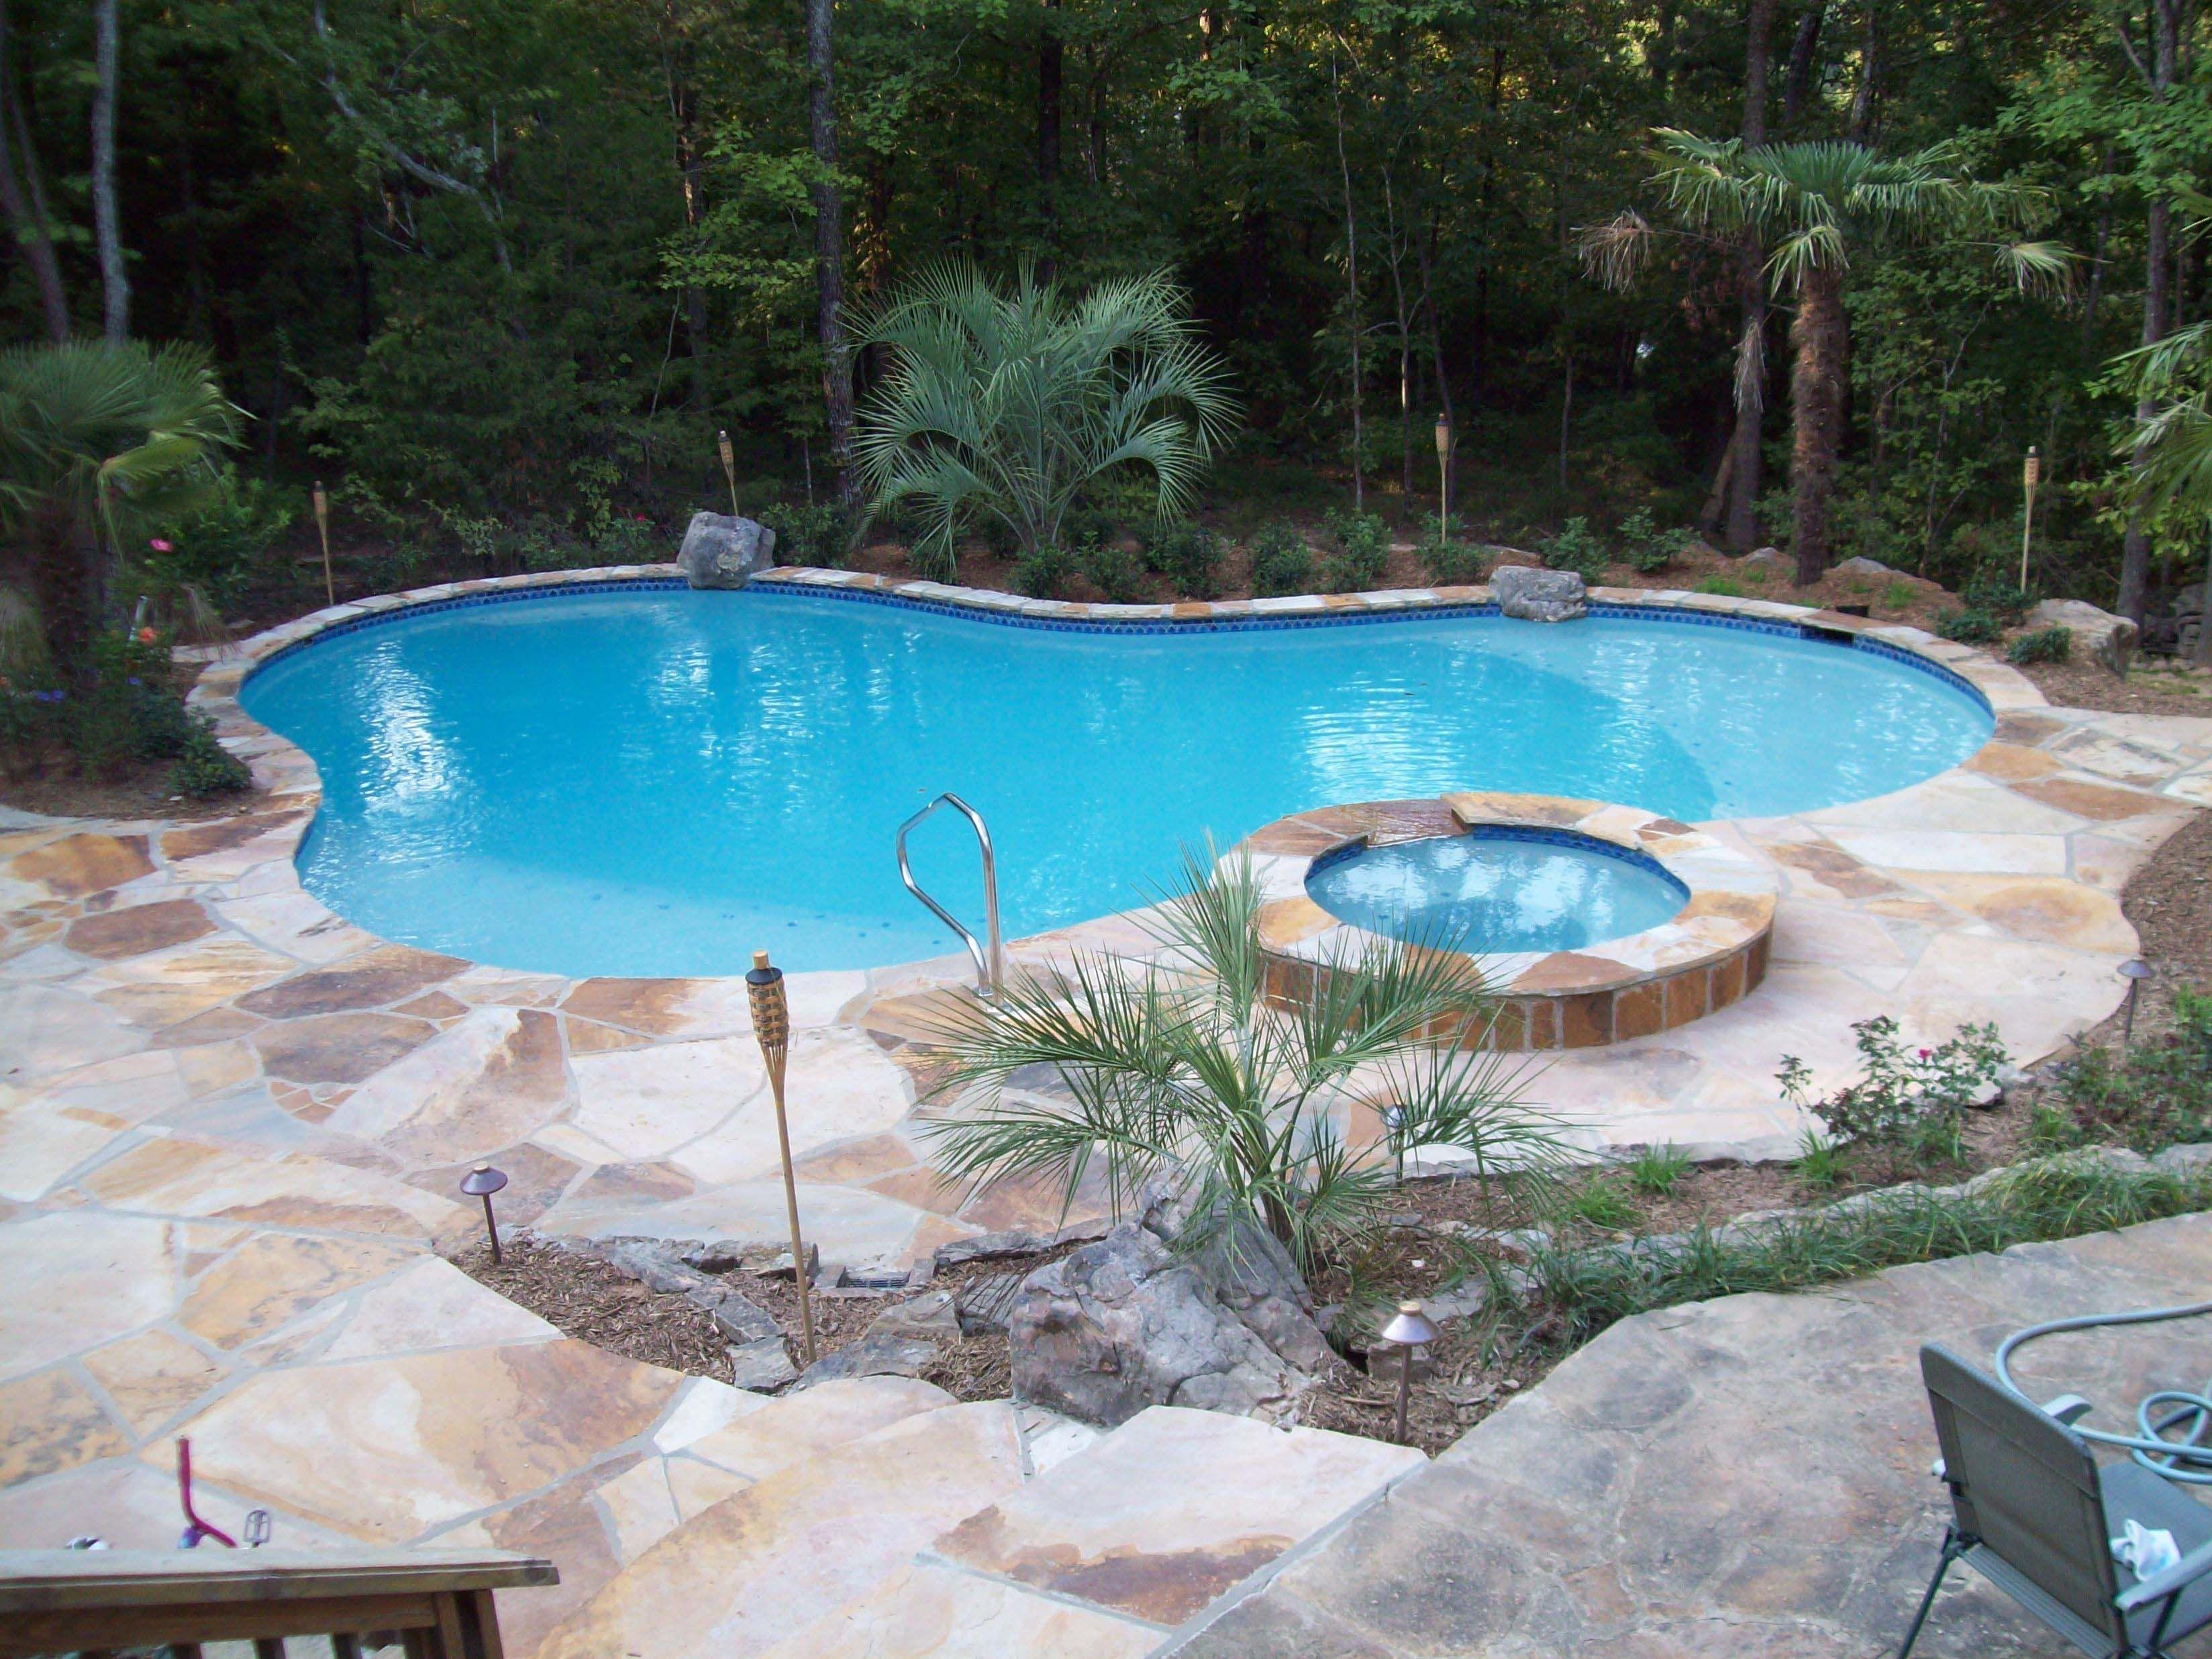 bossier city pool design shreveport pool construction natural